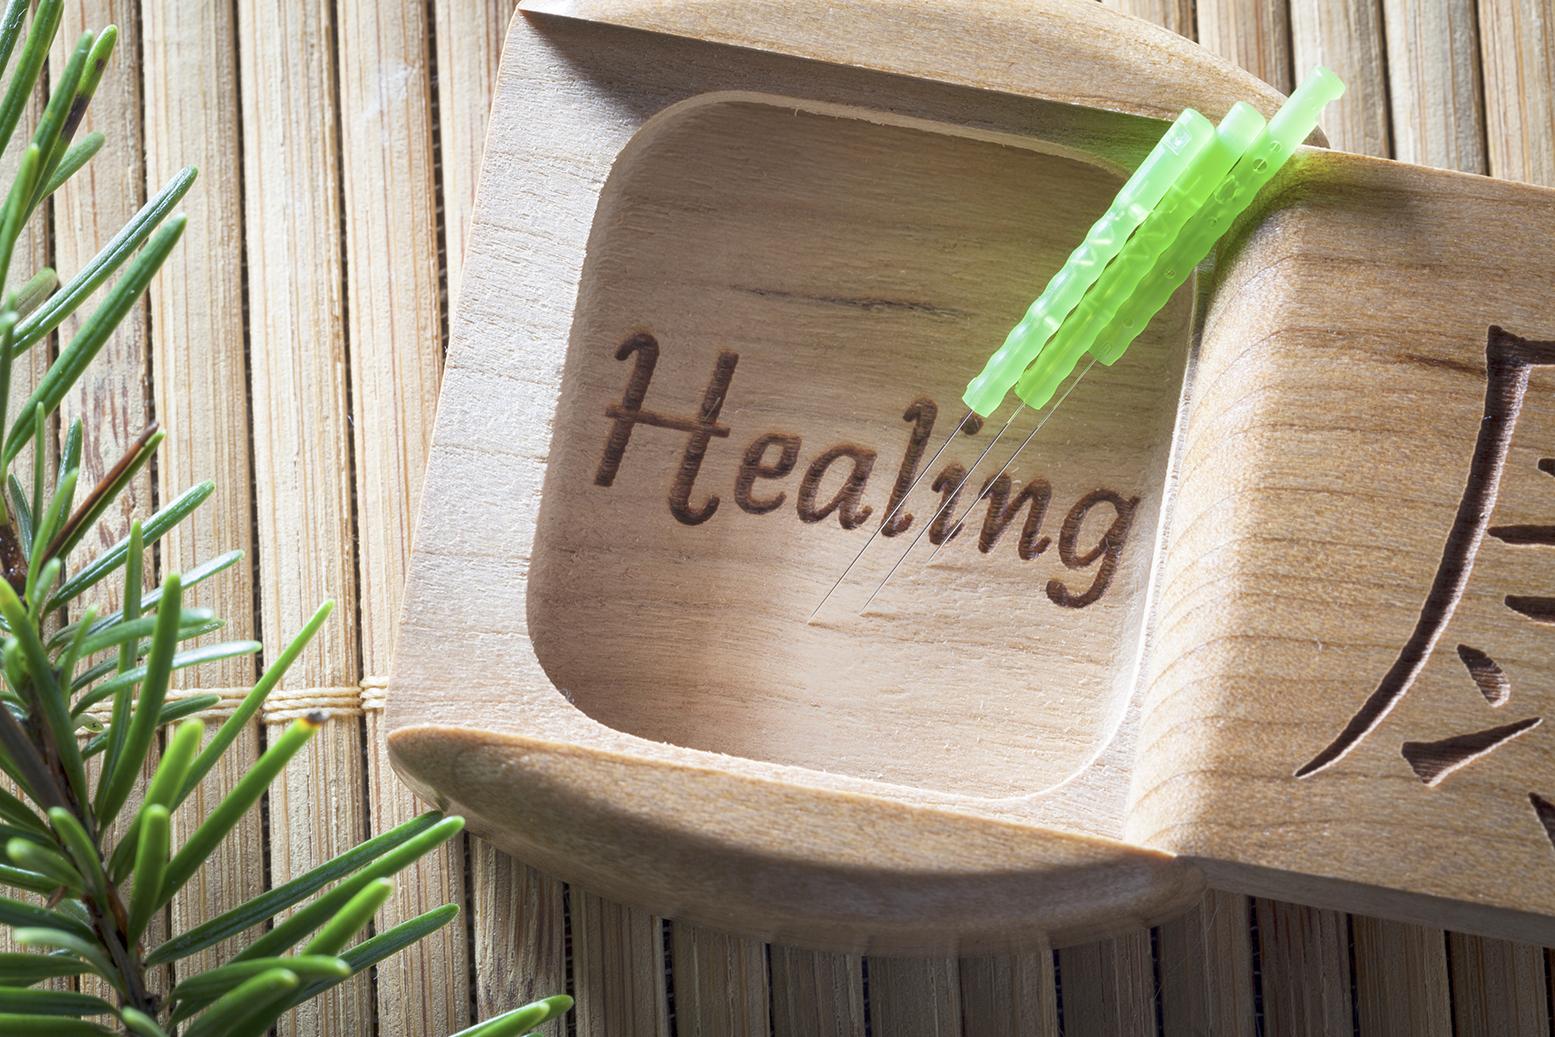 Healing - Large.jpg